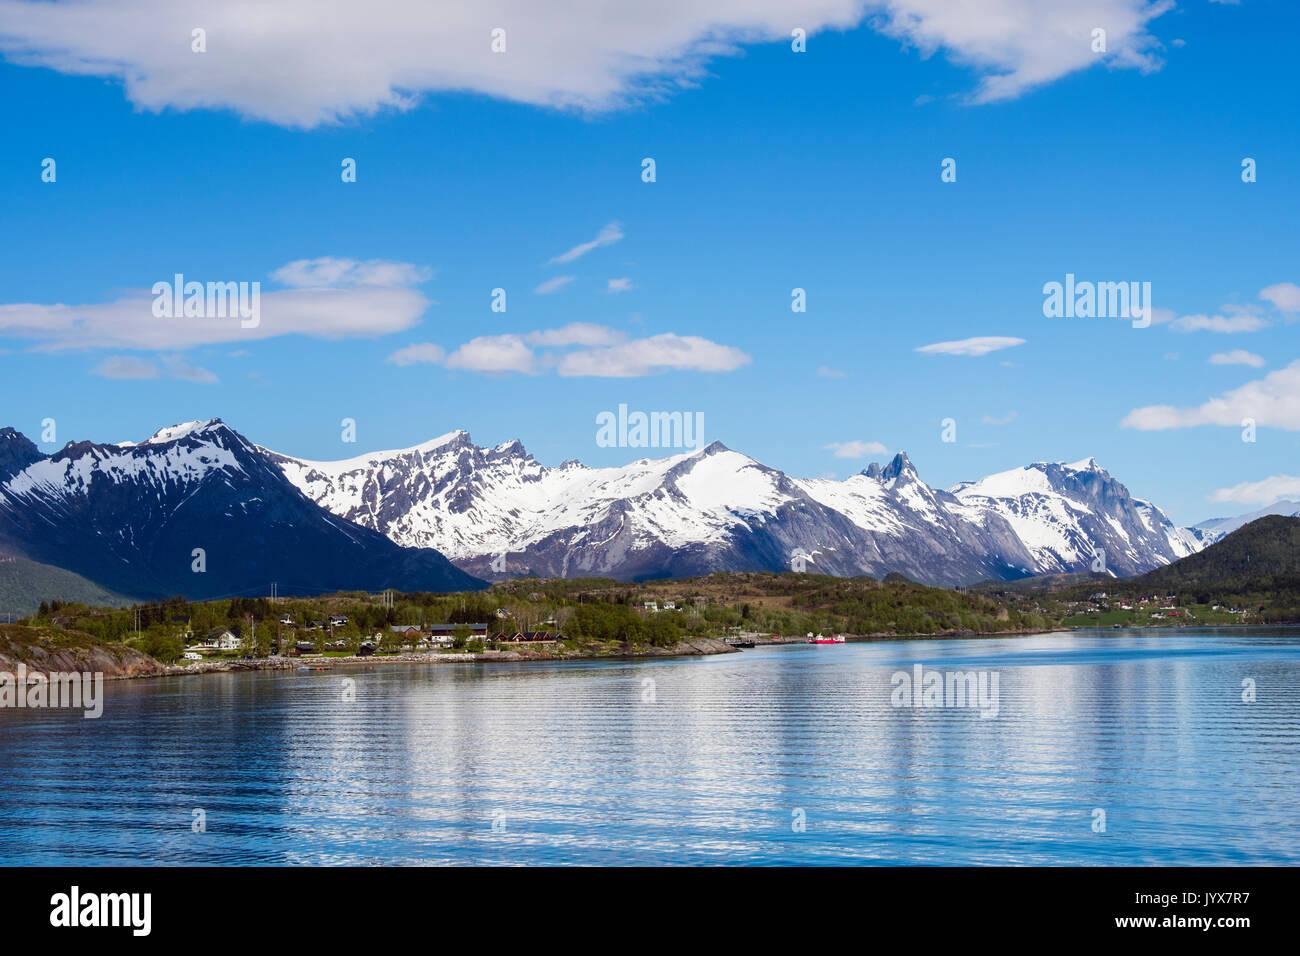 Vista offshore di montagne dalle vette innevate e campeggio accanto Arhaugfjorden fiordo norvegese sulla costa nord occidentale in estate. Furoy, Meløy, Nordland, Norvegia Immagini Stock